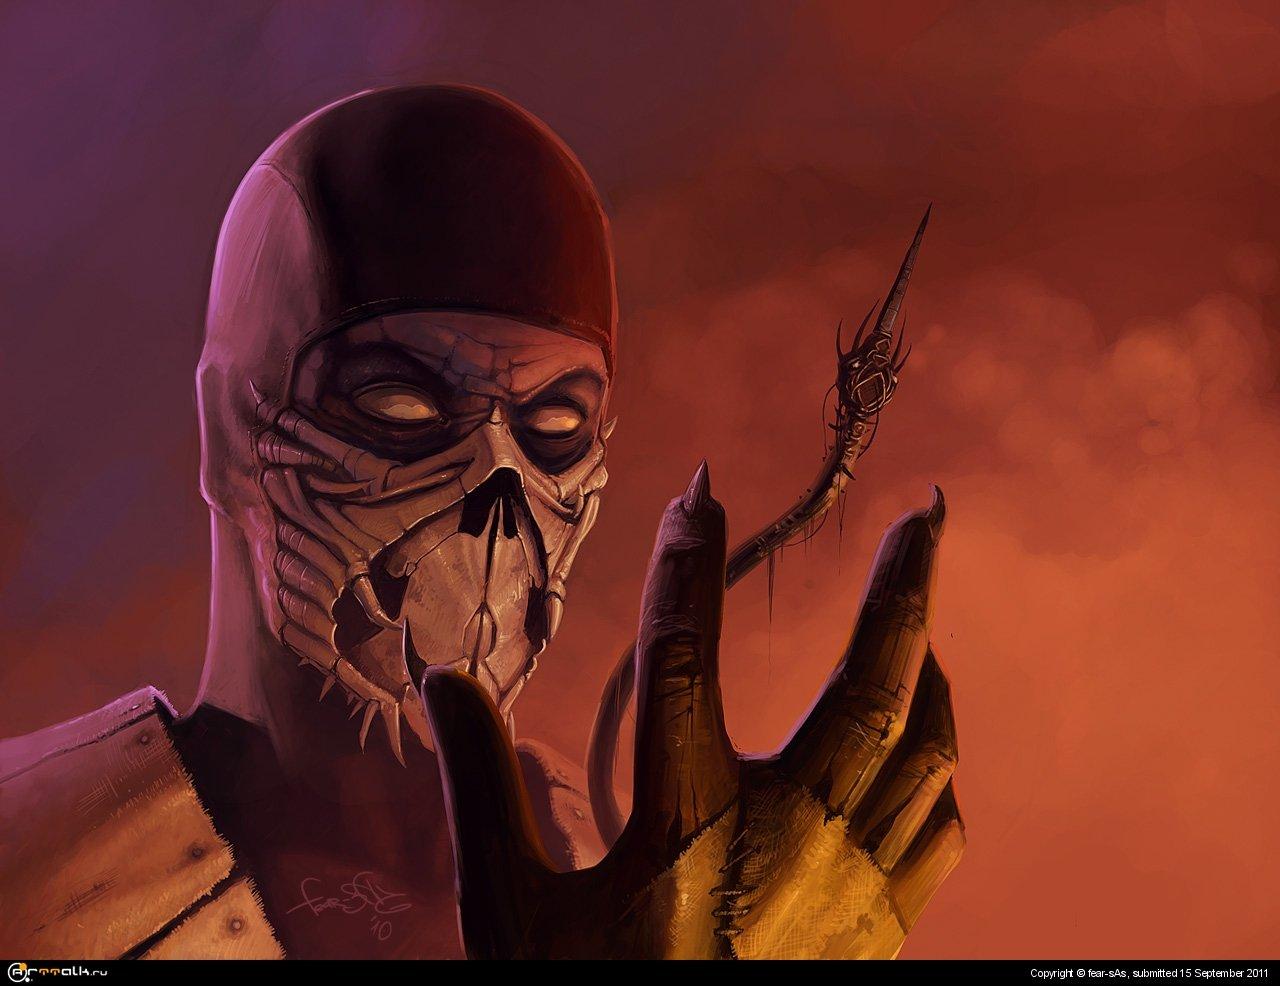 Mortal Kombat фан арт (Скорпион)